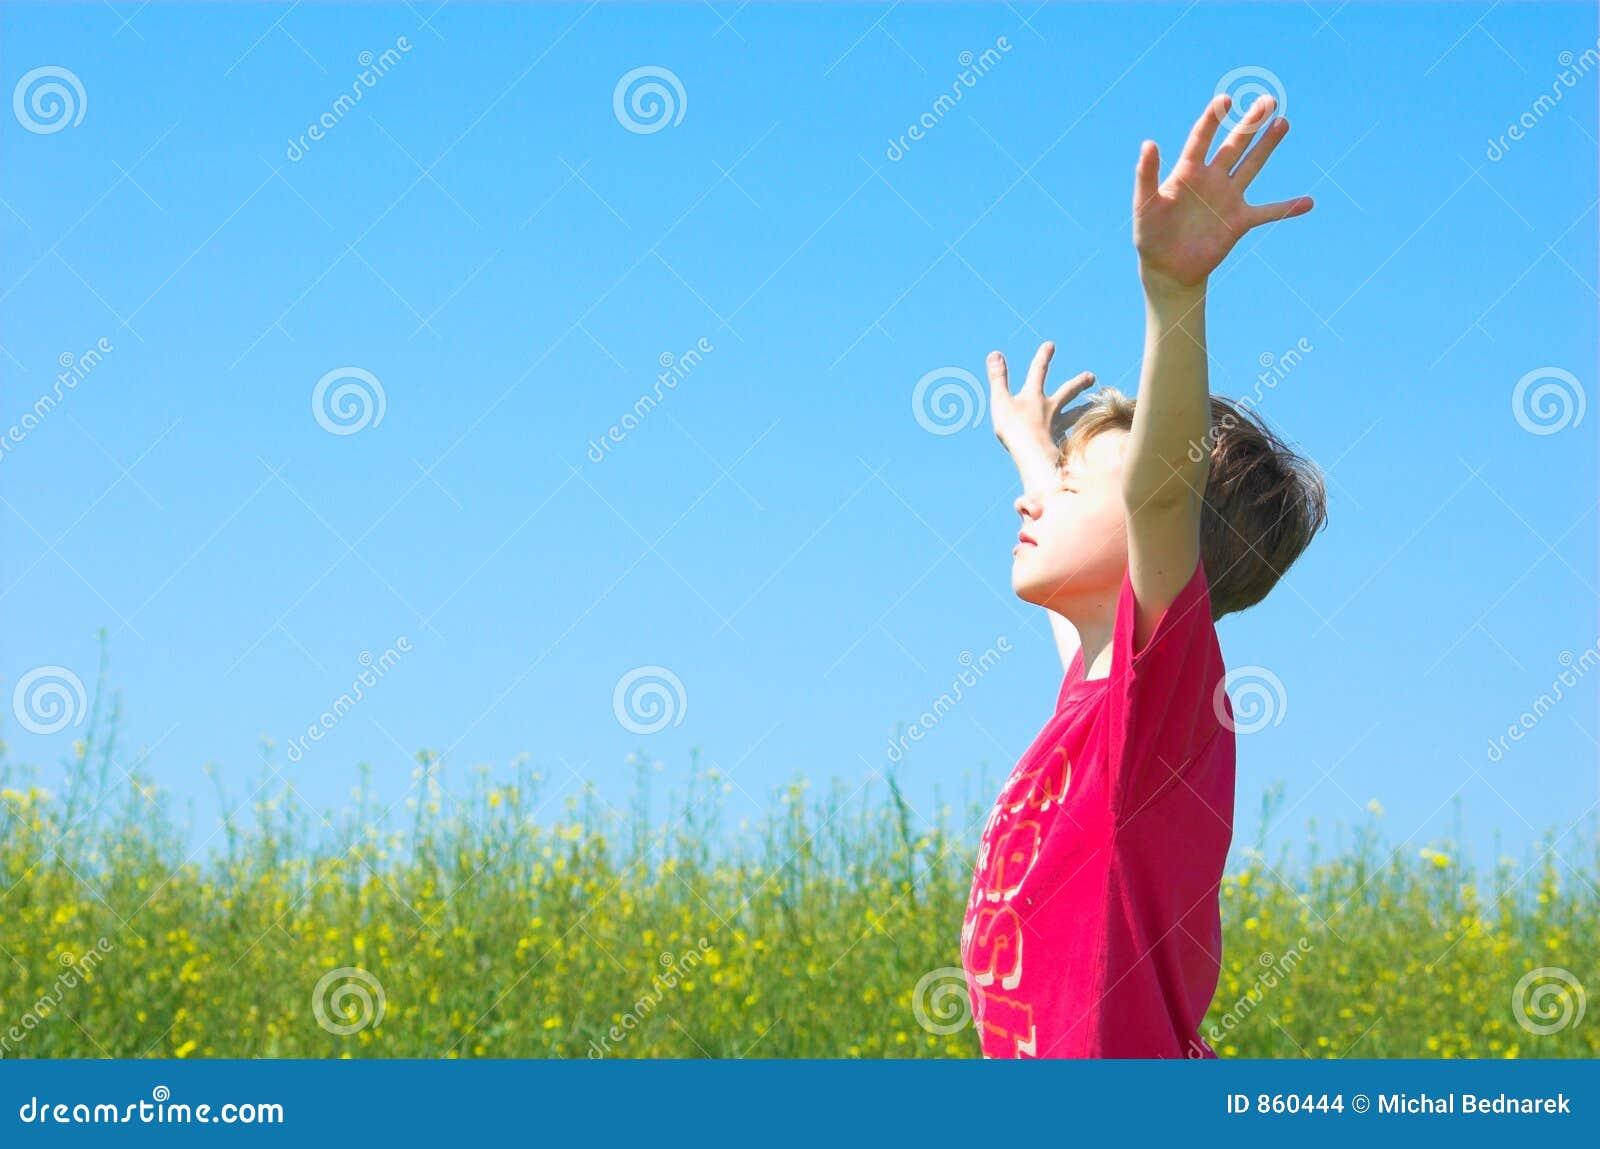 Ich Bin Glücklich Stockfoto Bild Von Gras Kindheit Junge 860444